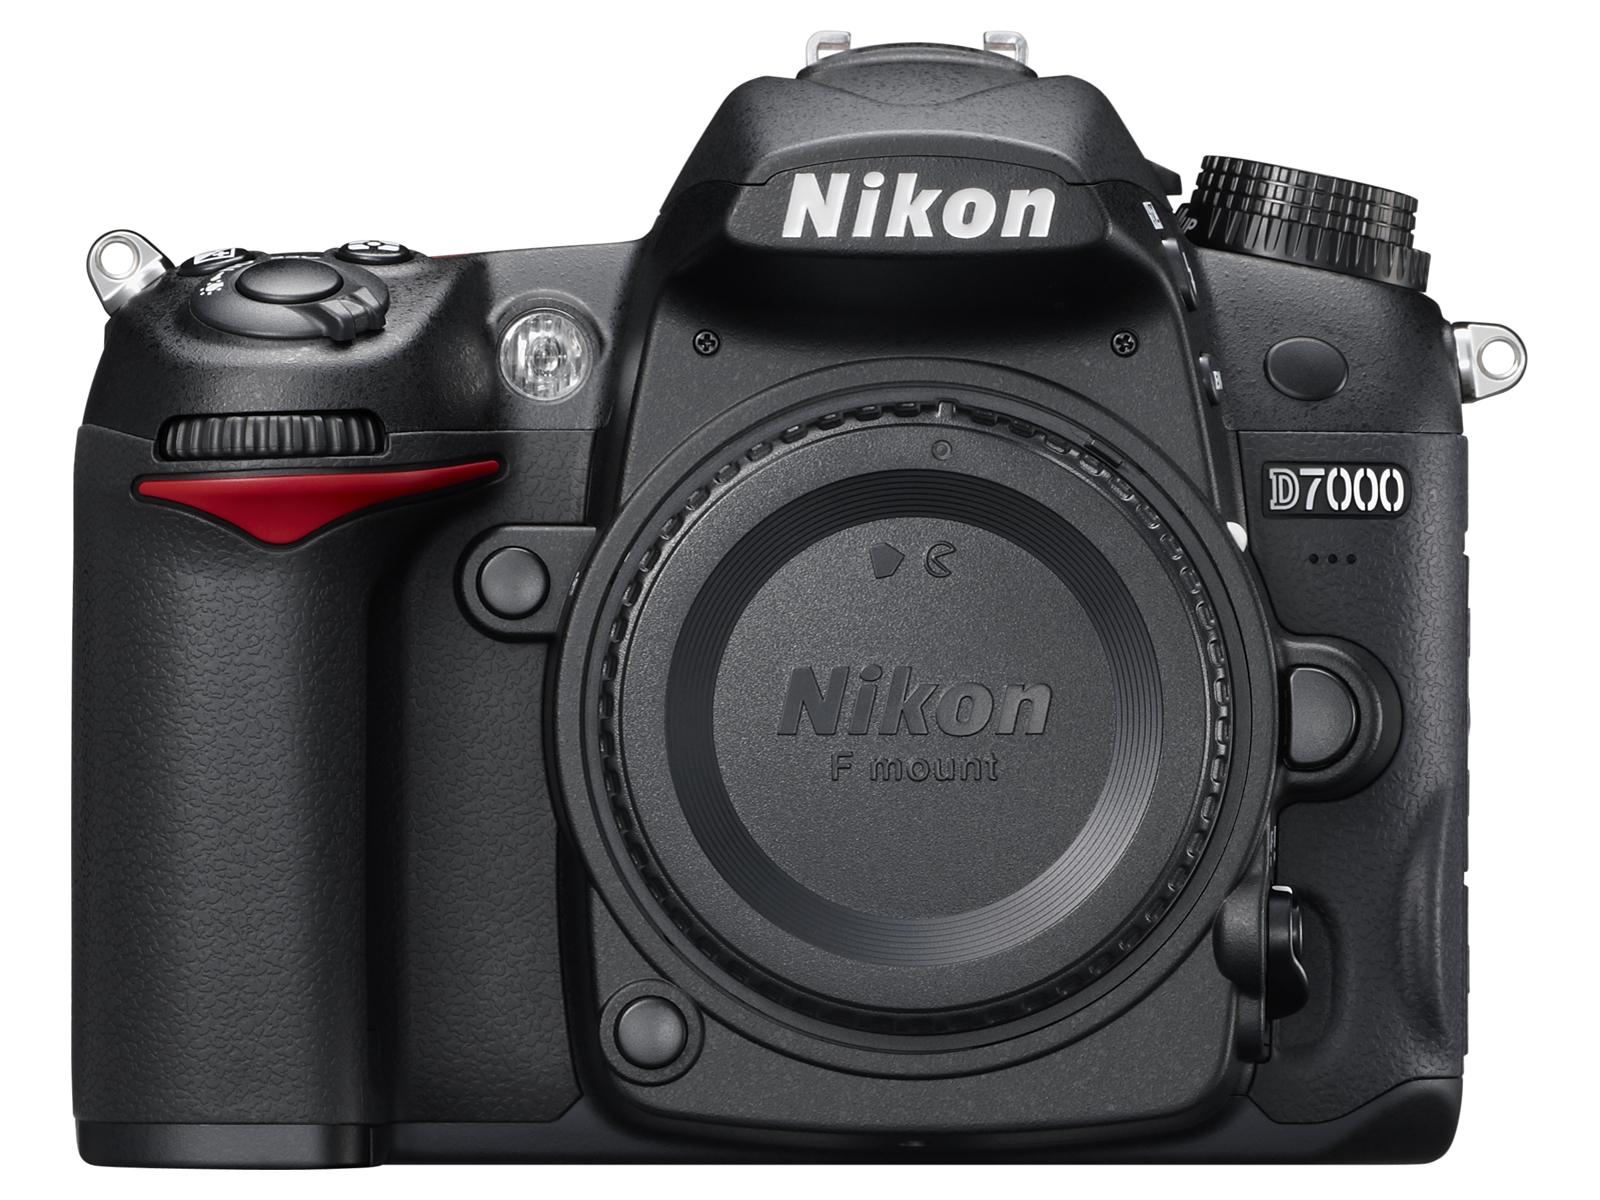 Nikon D7000 - 21